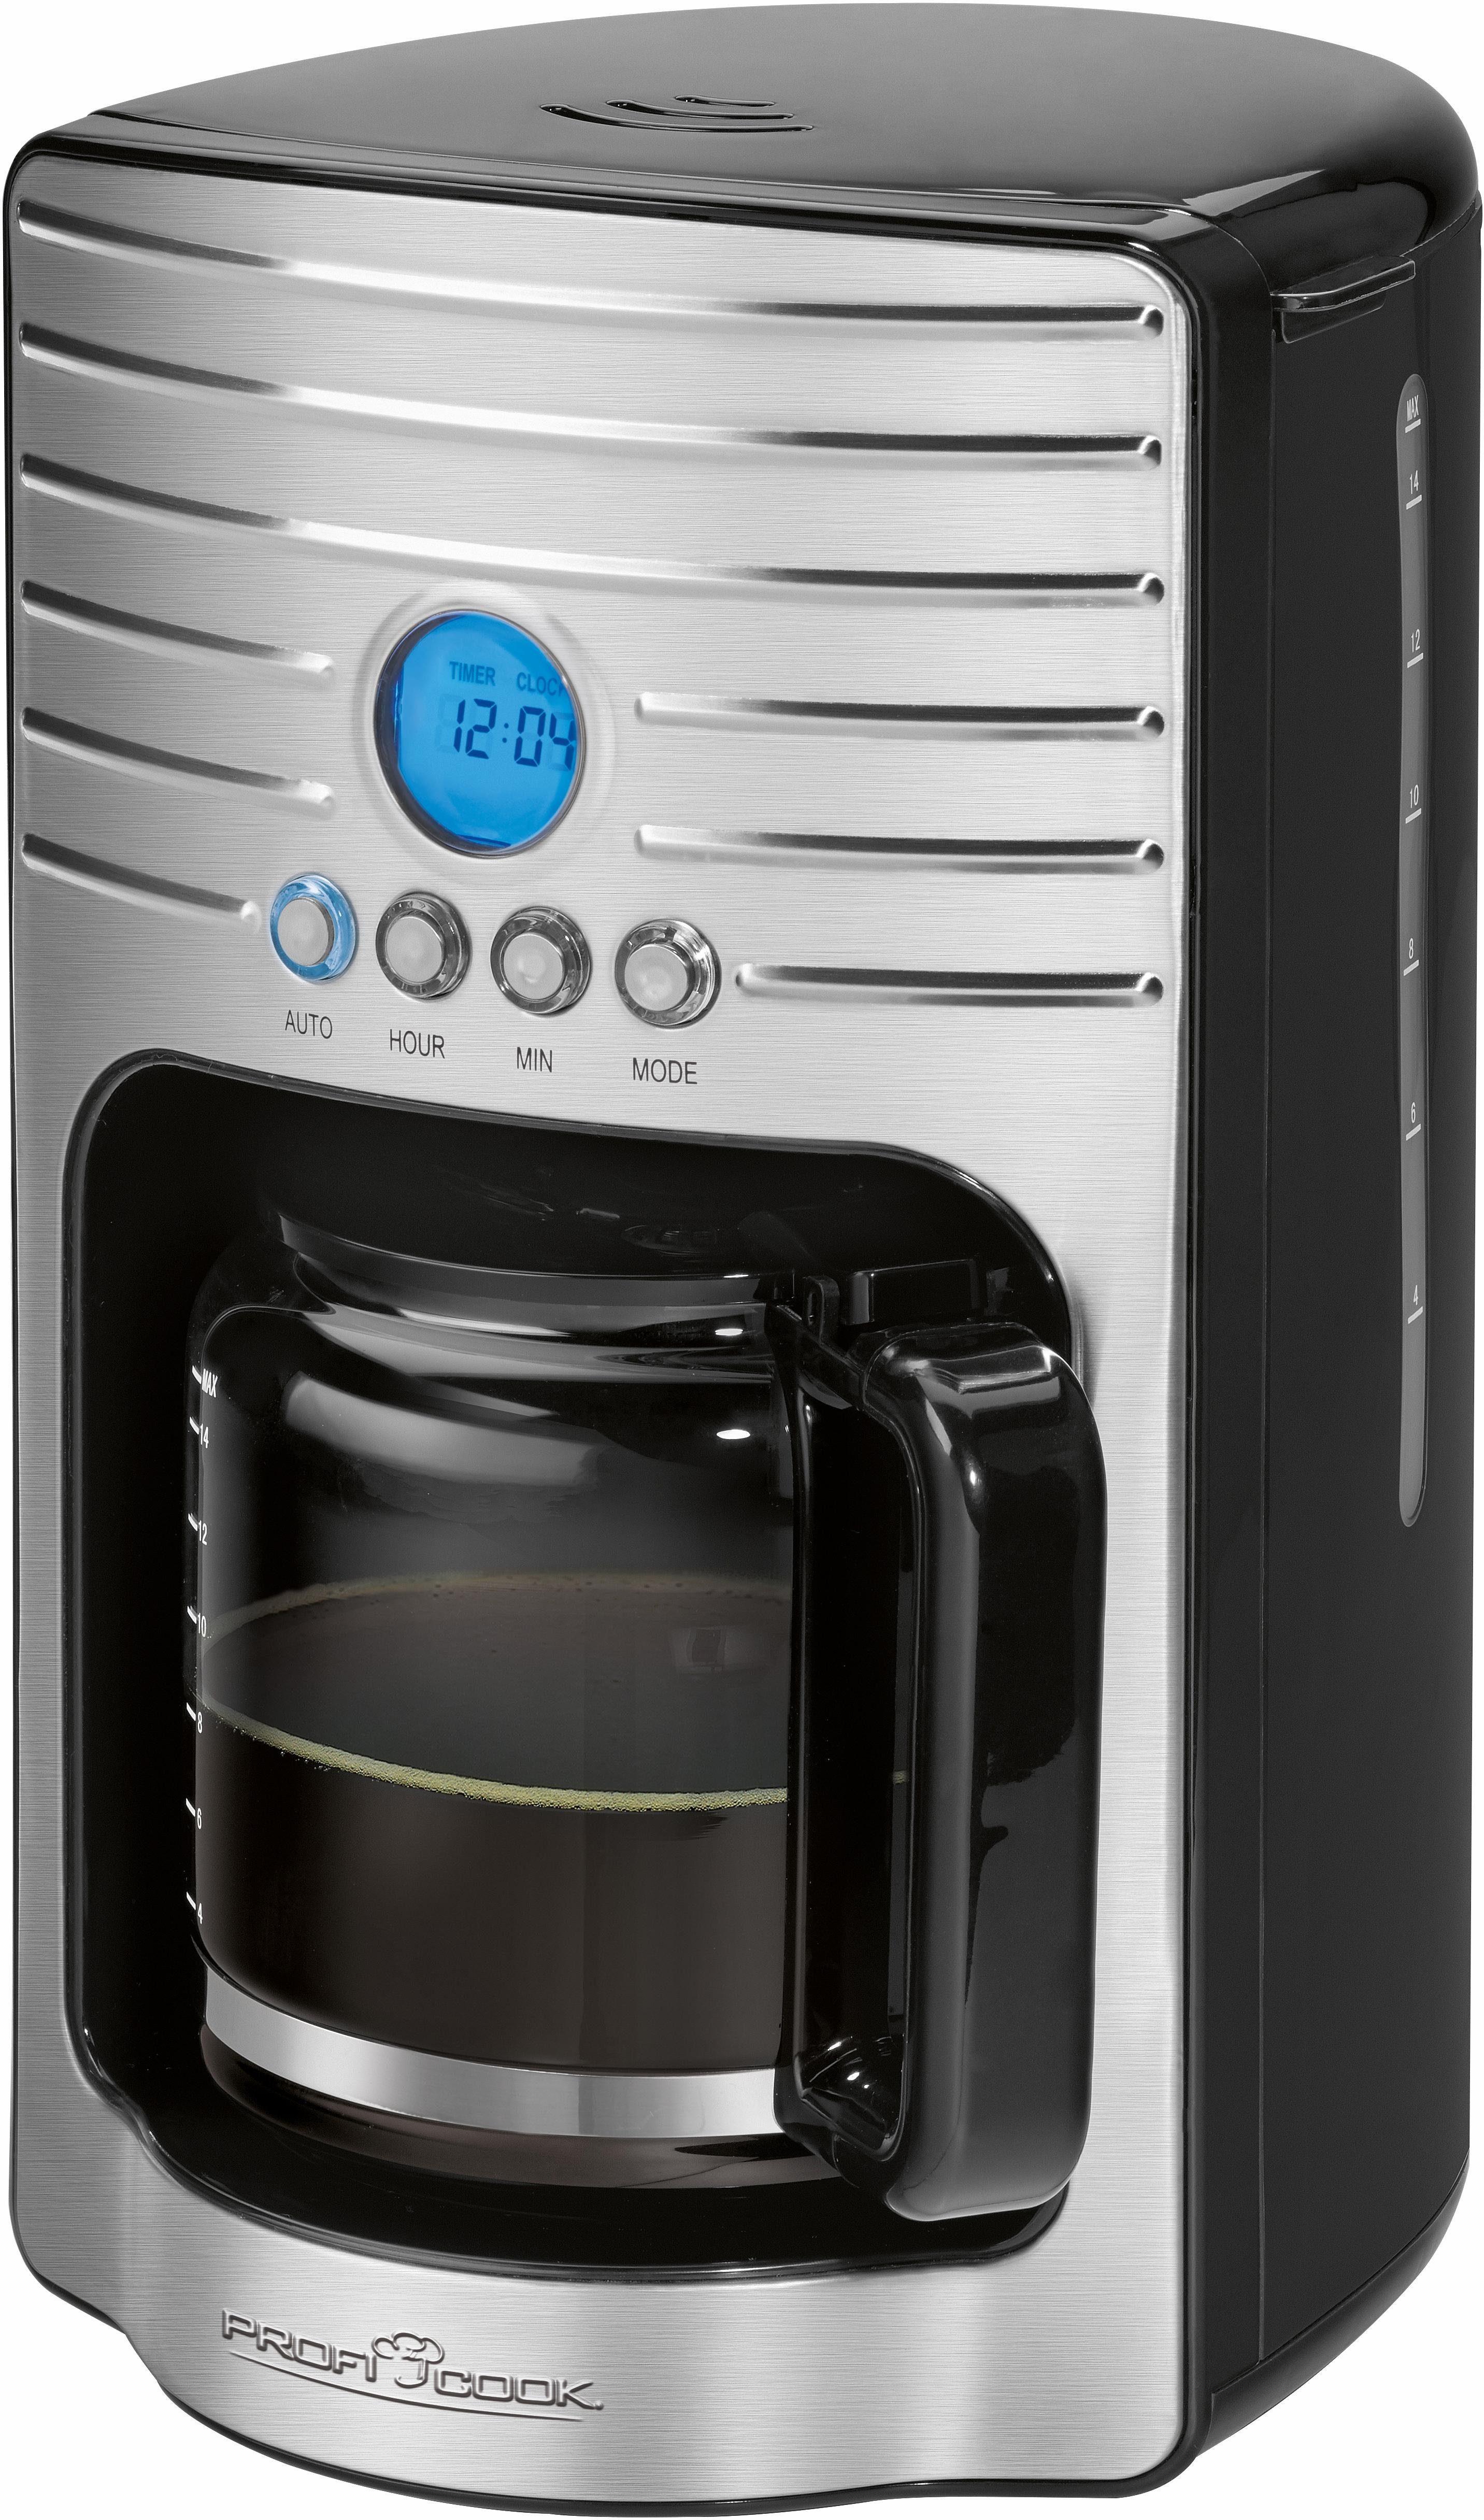 ProfiCook Filterkaffeemaschine PC-KA 1120, 1,7l Kaffeekanne, 1x4